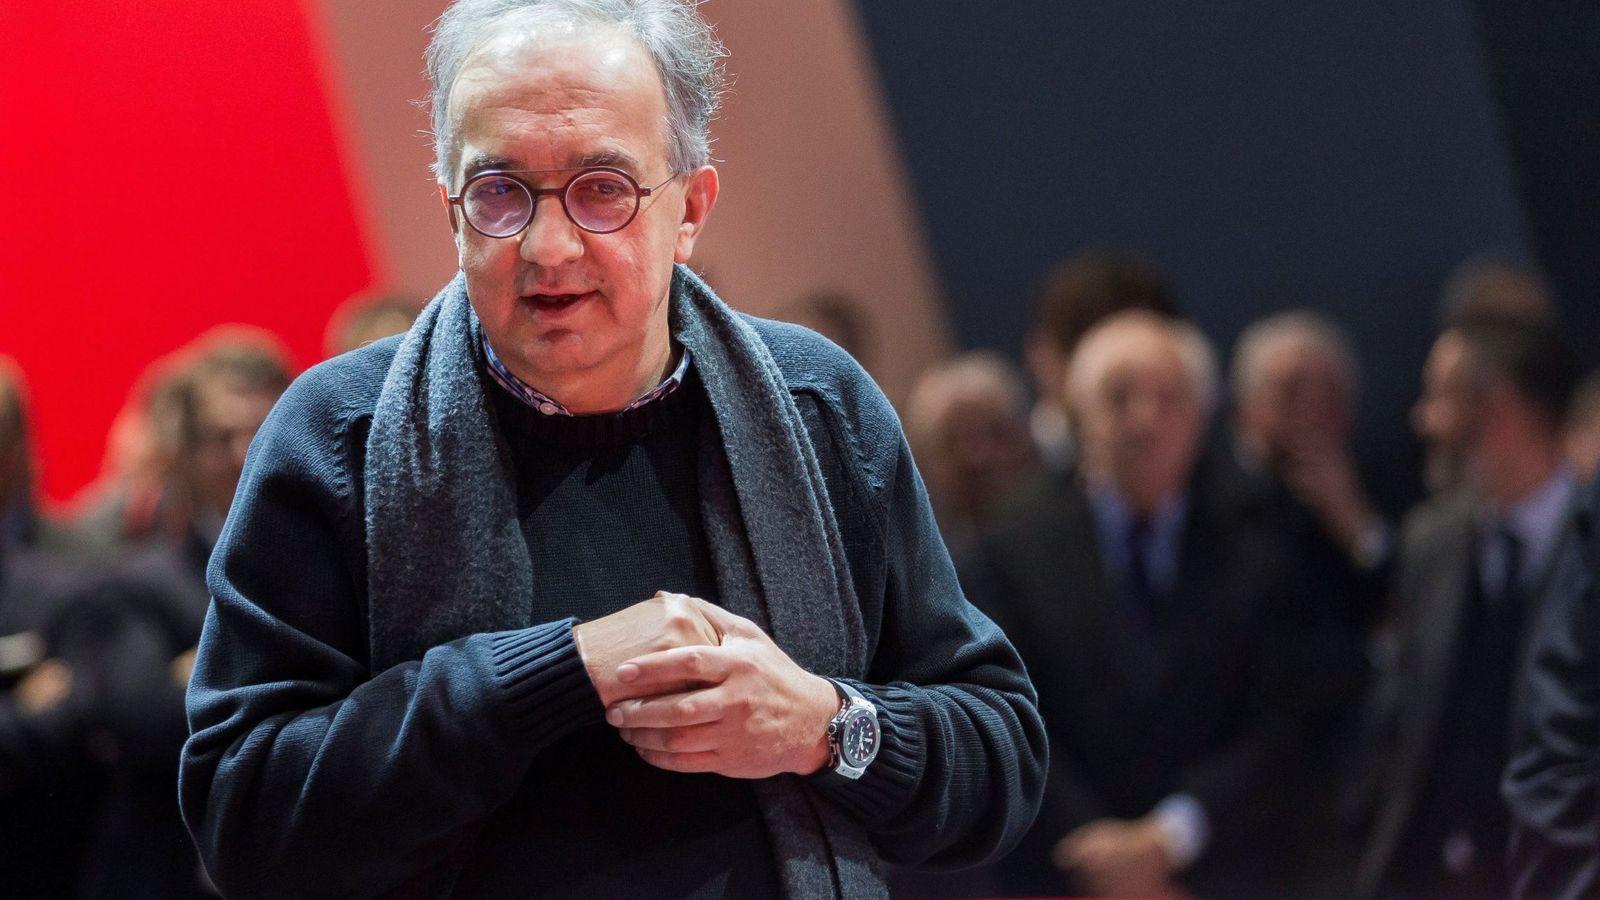 Foto: Sergio Marcchionne, ex presidente de Ferrari